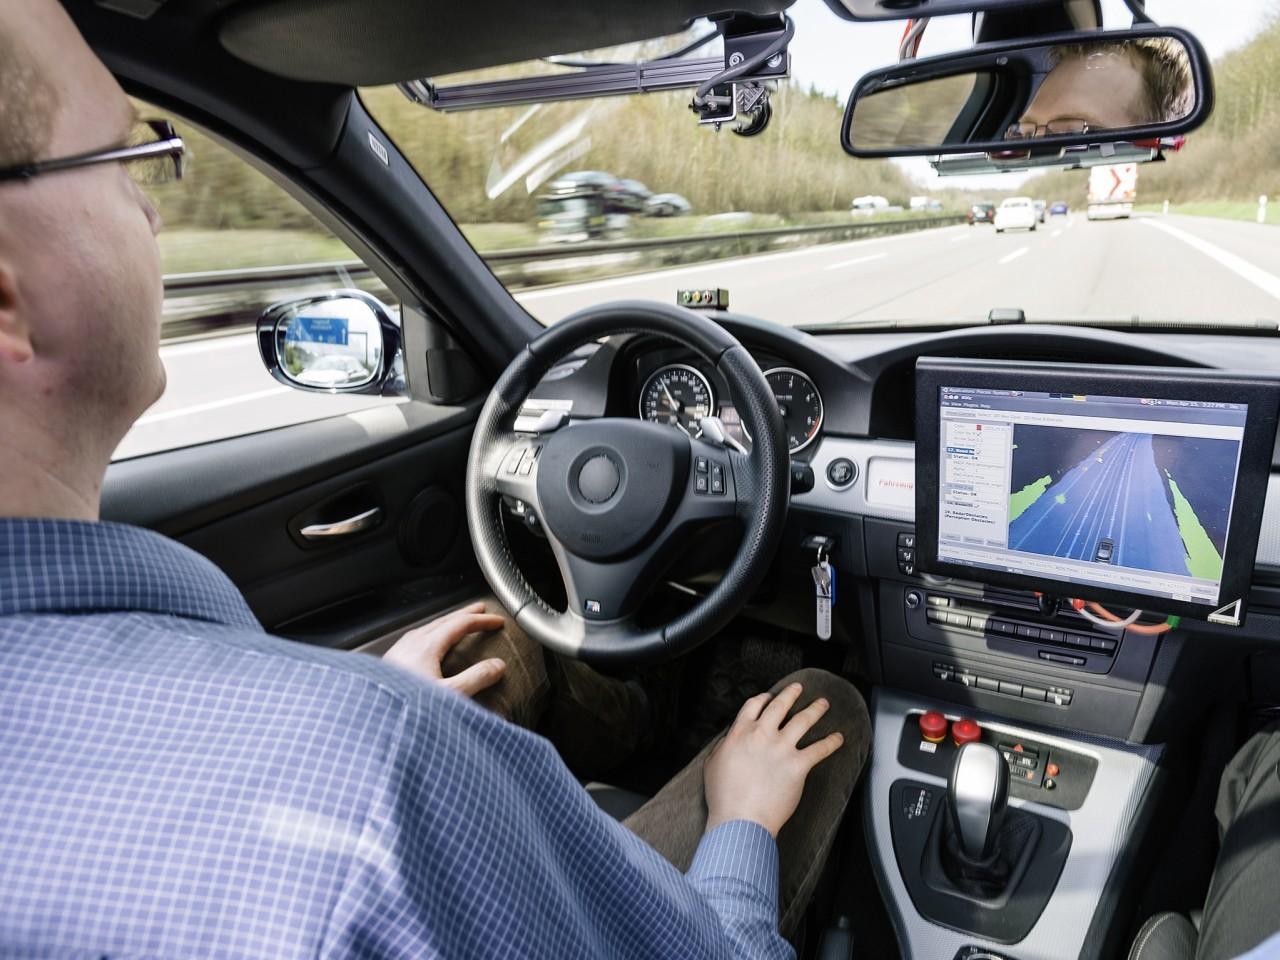 Számunkra az önvezető autó esetében is fő a biztonság